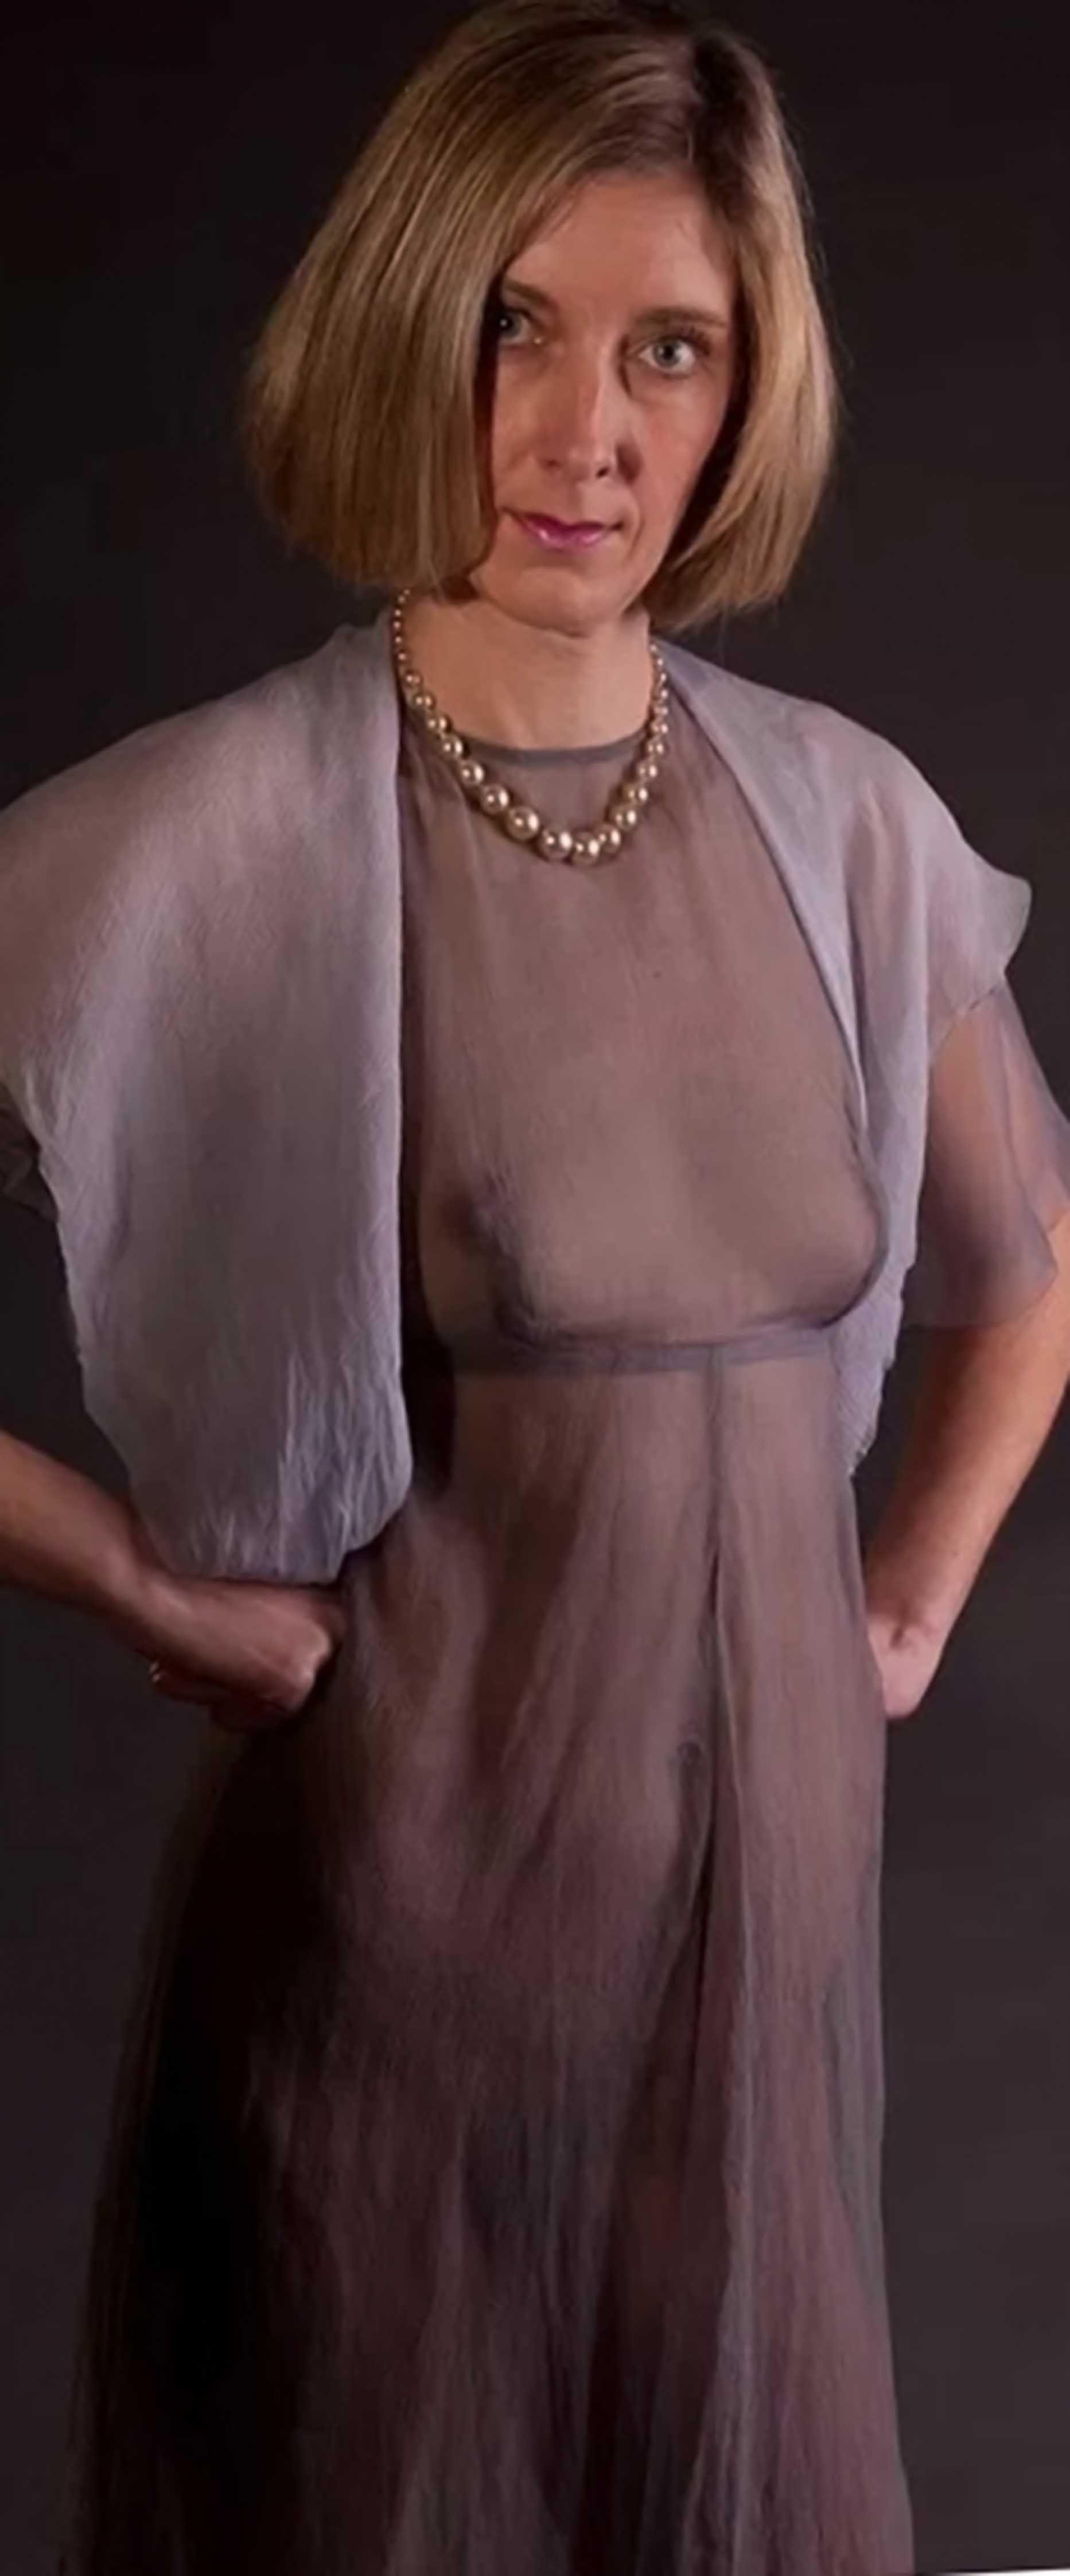 Pin By Fred Flintstone On Beautiful Mature Women  British -3347